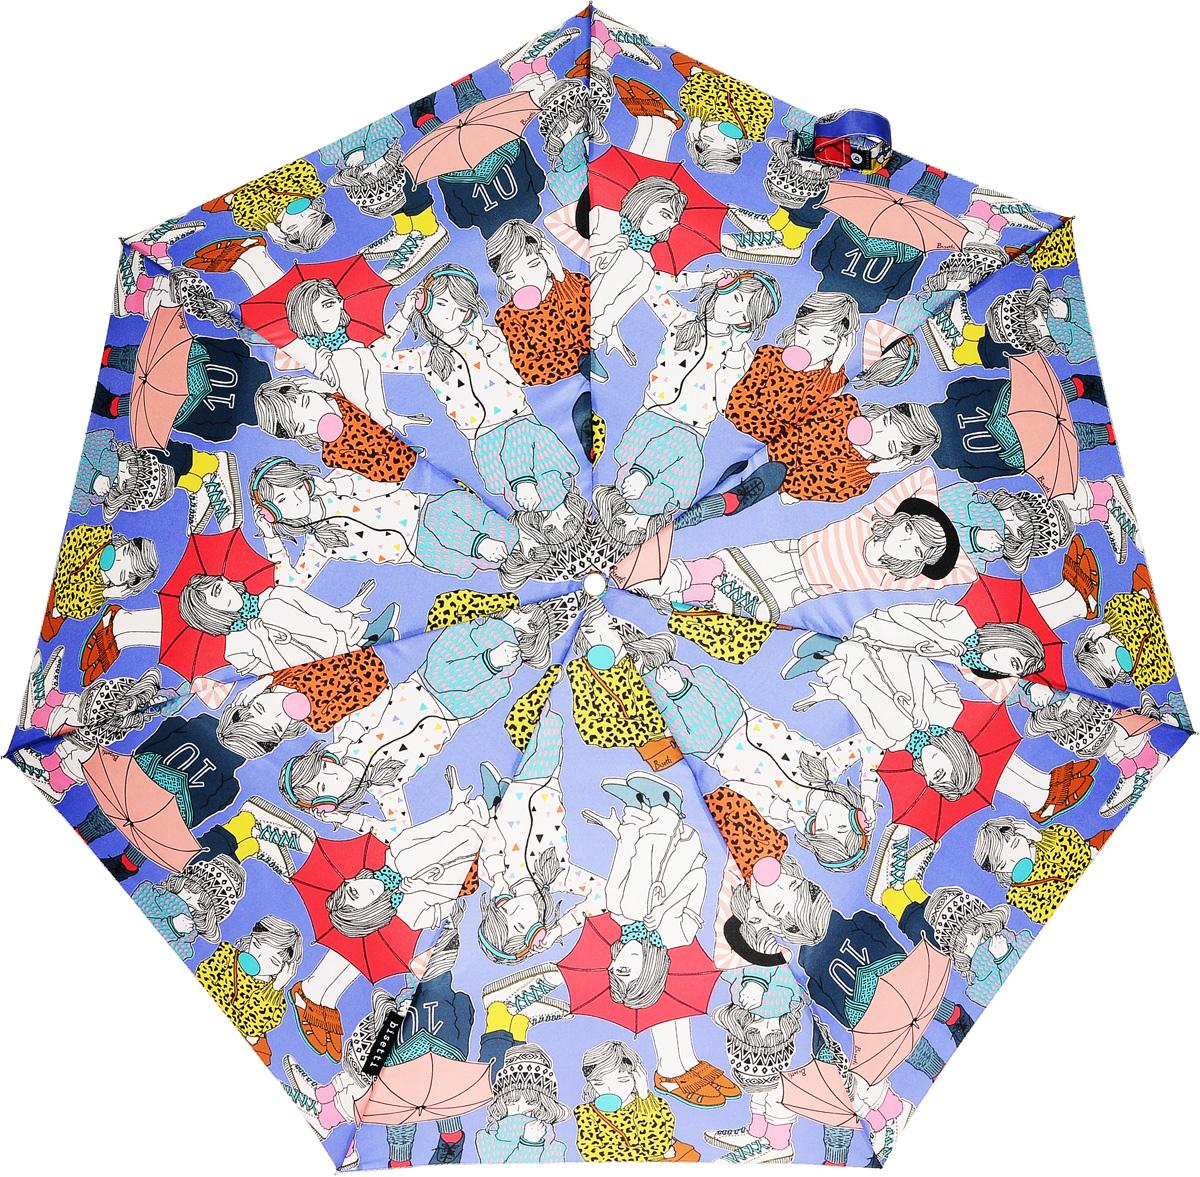 Bisetti 35165-2 Зонт полный автом. 3 сл. жен.35165-2Зонт испанского производителя Clima. В производстве зонтов используются современные материалы, что делает зонты легкими, но в то же время крепкими.Полный автомат, 3 сложения, 8 спиц по 54см, полиэстер.